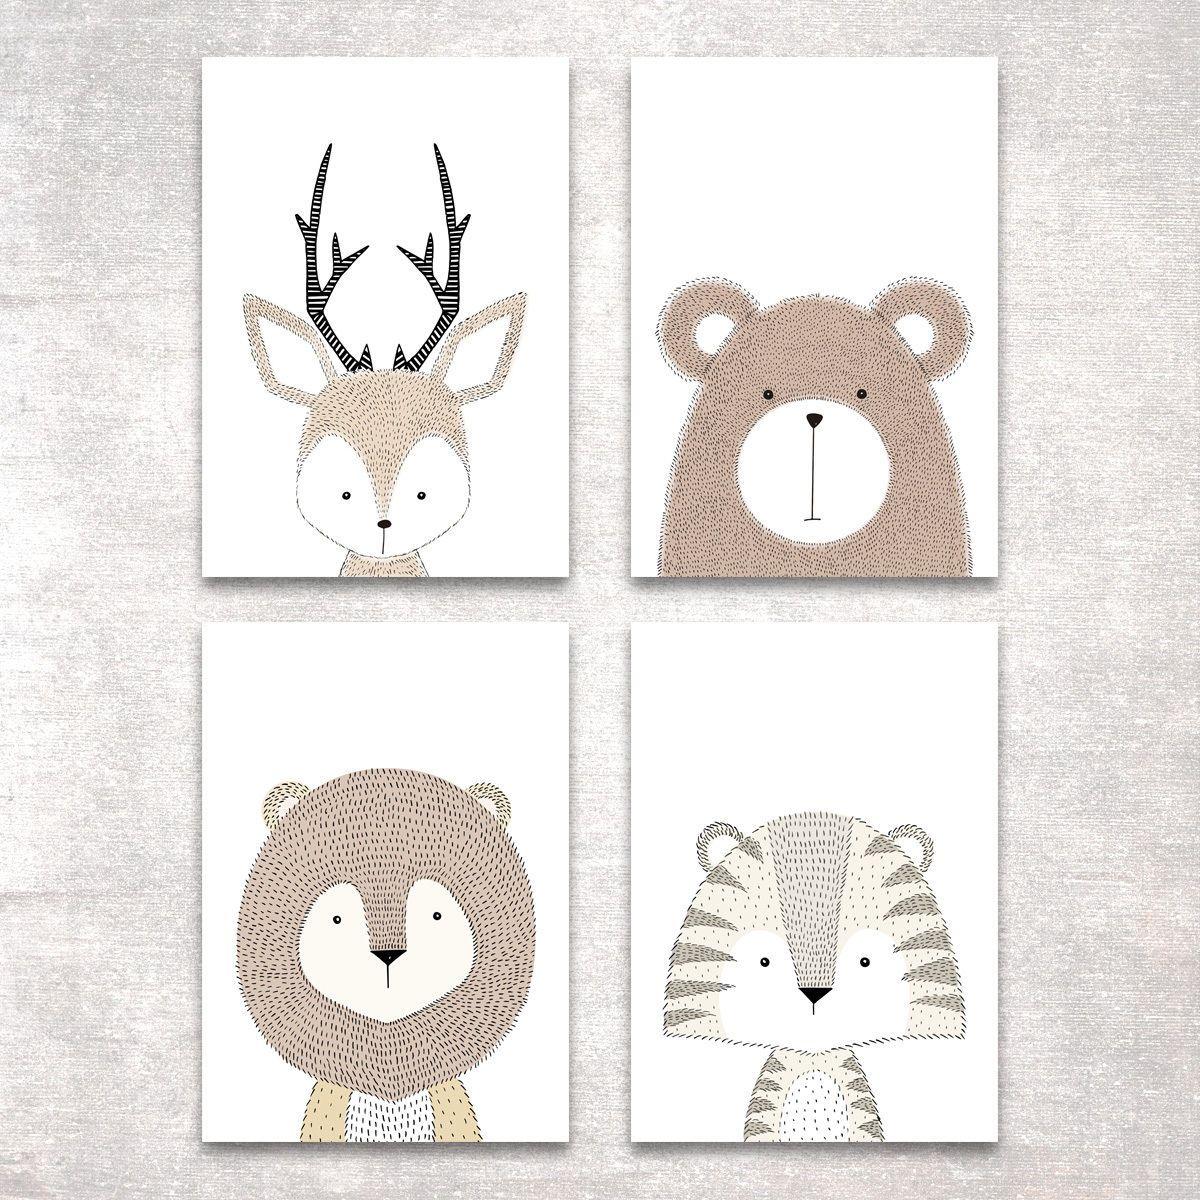 Reh Schwarz Weiß Kunstdruck Poster A4 Tier Foto Geschenk Deko Bild Druck